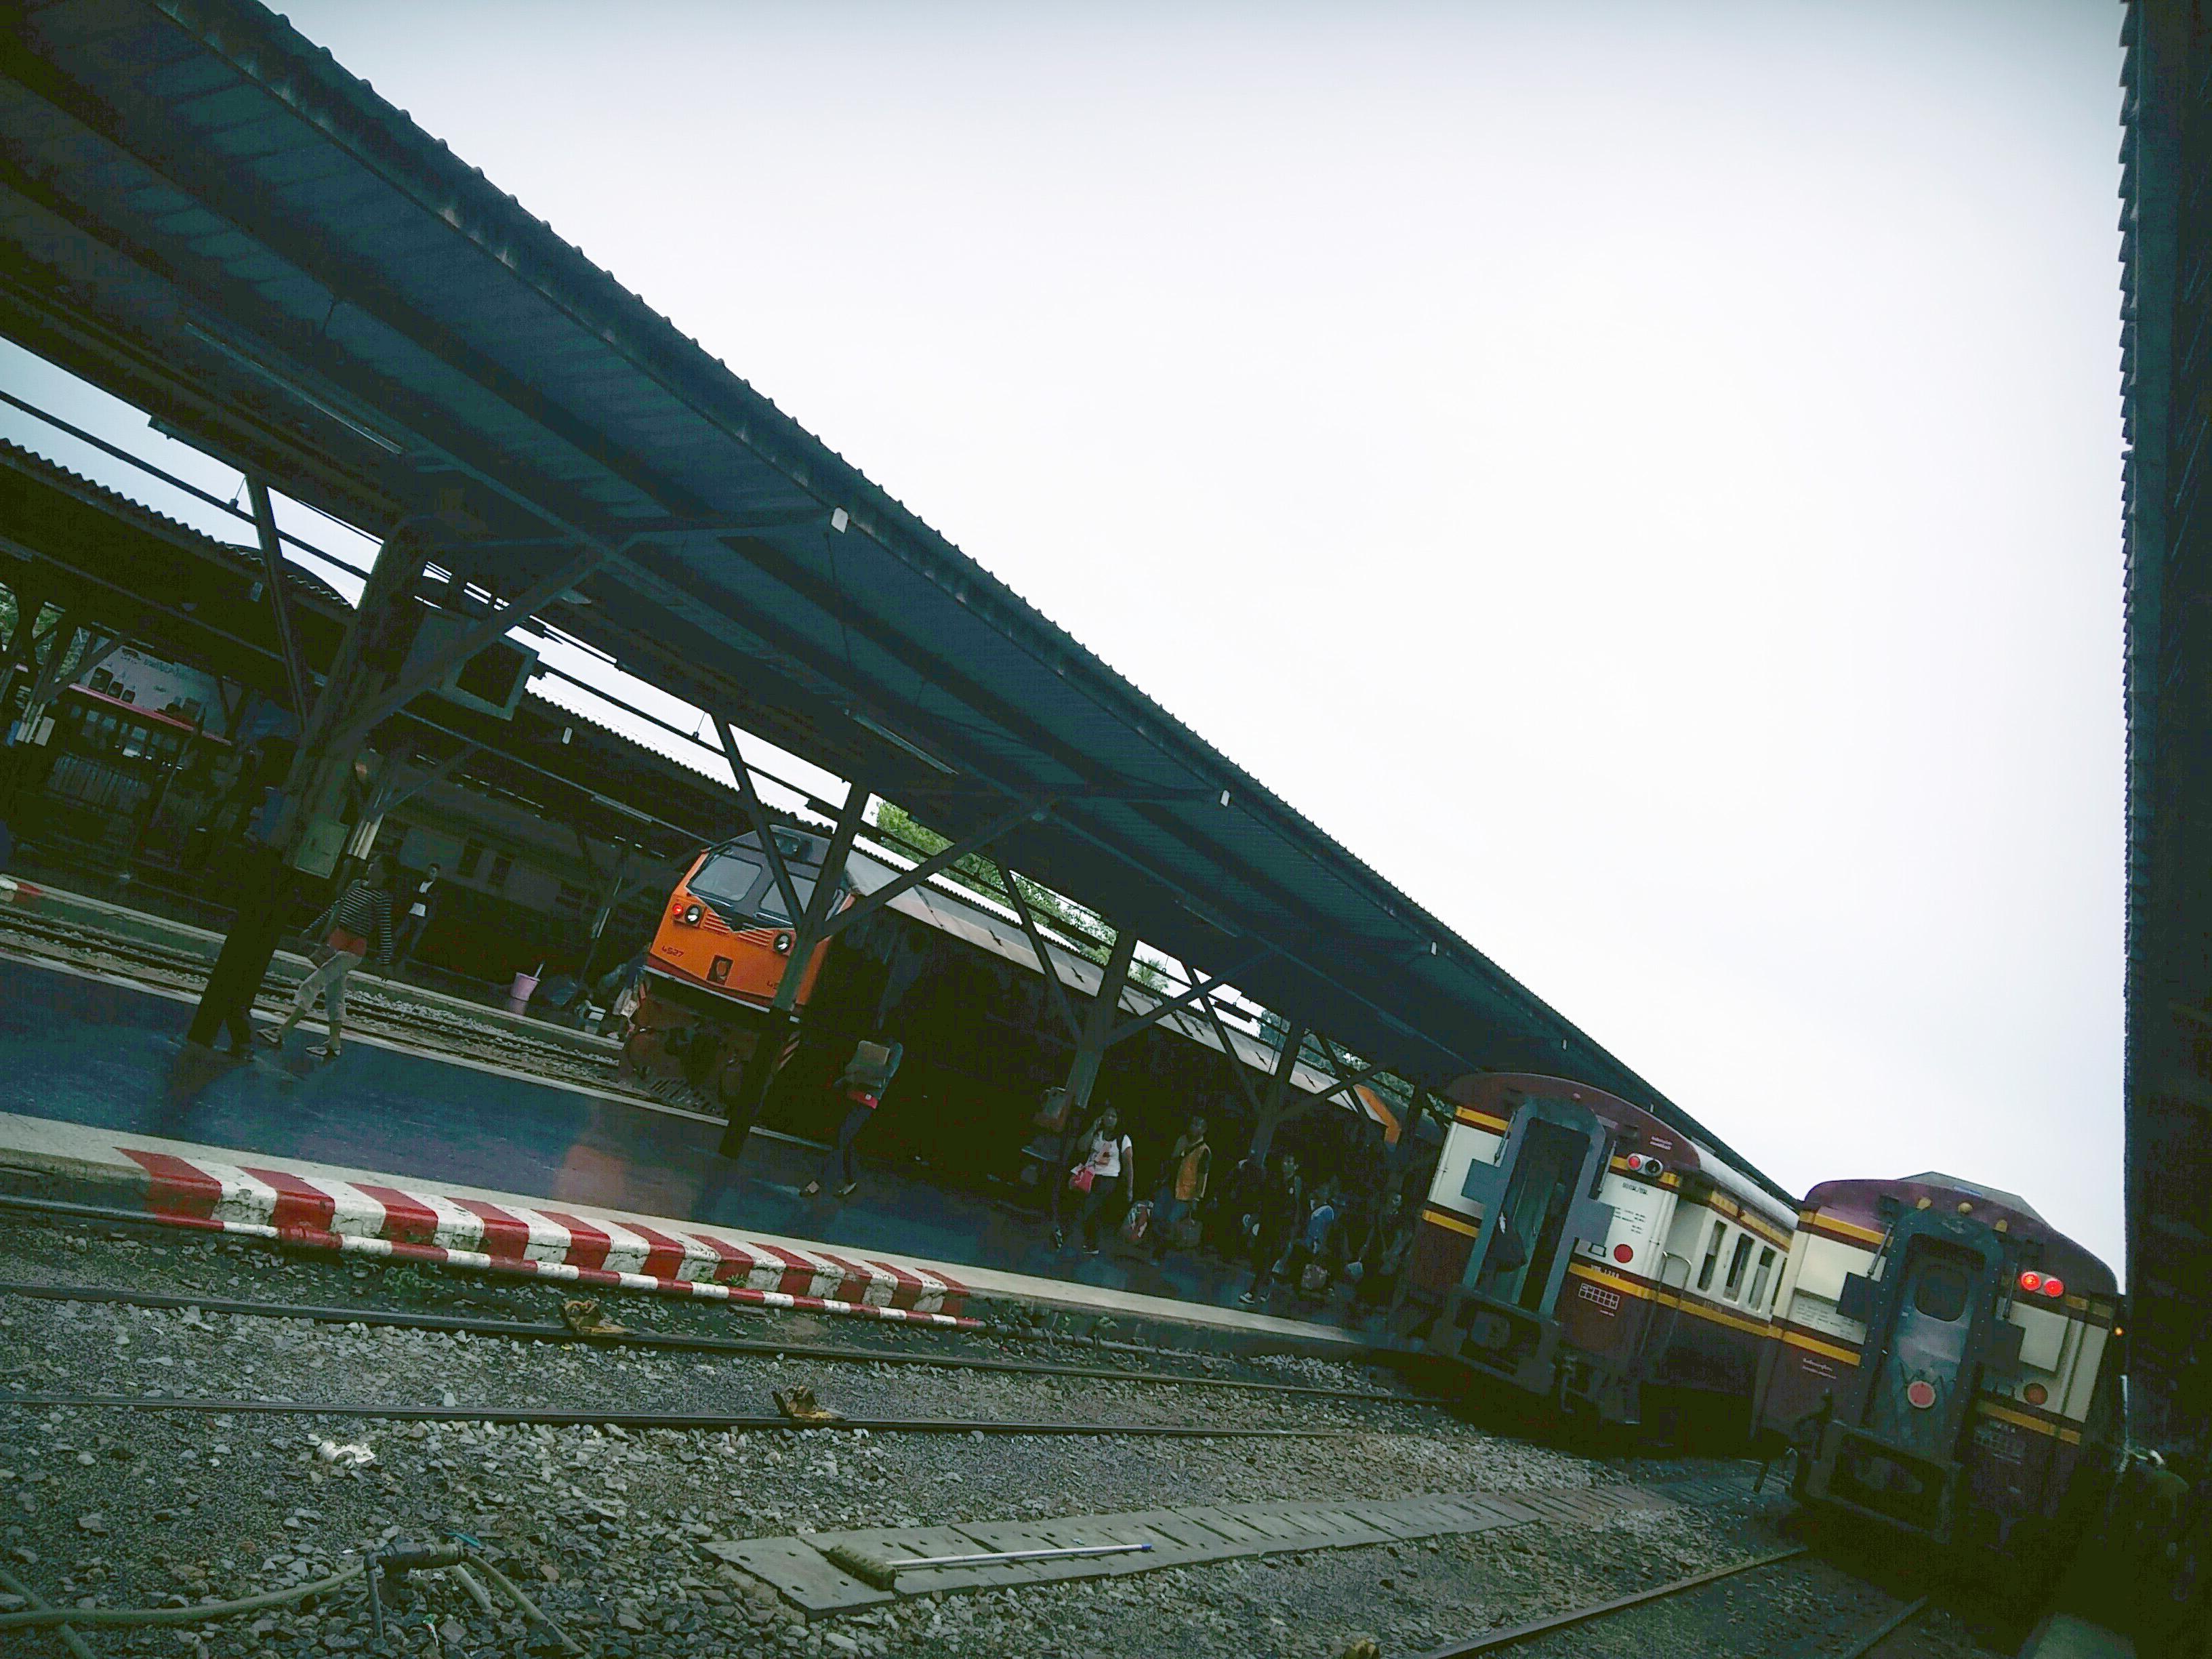 Stazione ferroviaria di Bangkok (Thailandia)